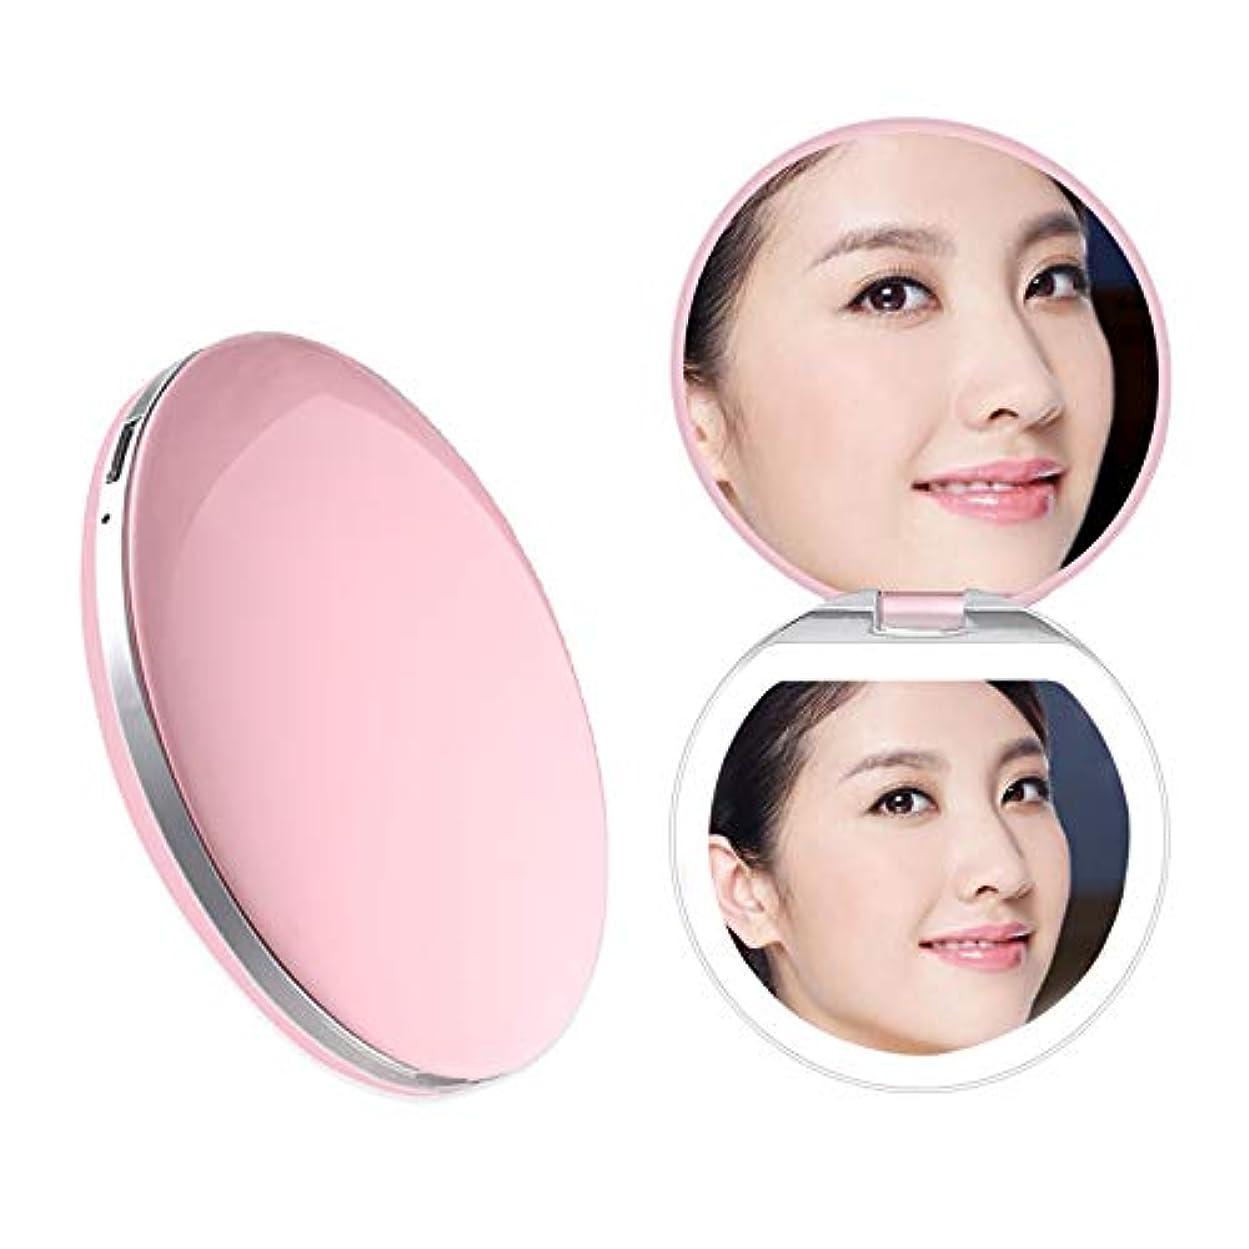 寝室を掃除するスカーフスマイルHeartyfly 携帯ミラー 鏡 LED手鏡  二面鏡 折り畳み式化粧鏡 メイクアップミラー usb充電 3倍拡大 持ちやすい 便利 (ピンク)